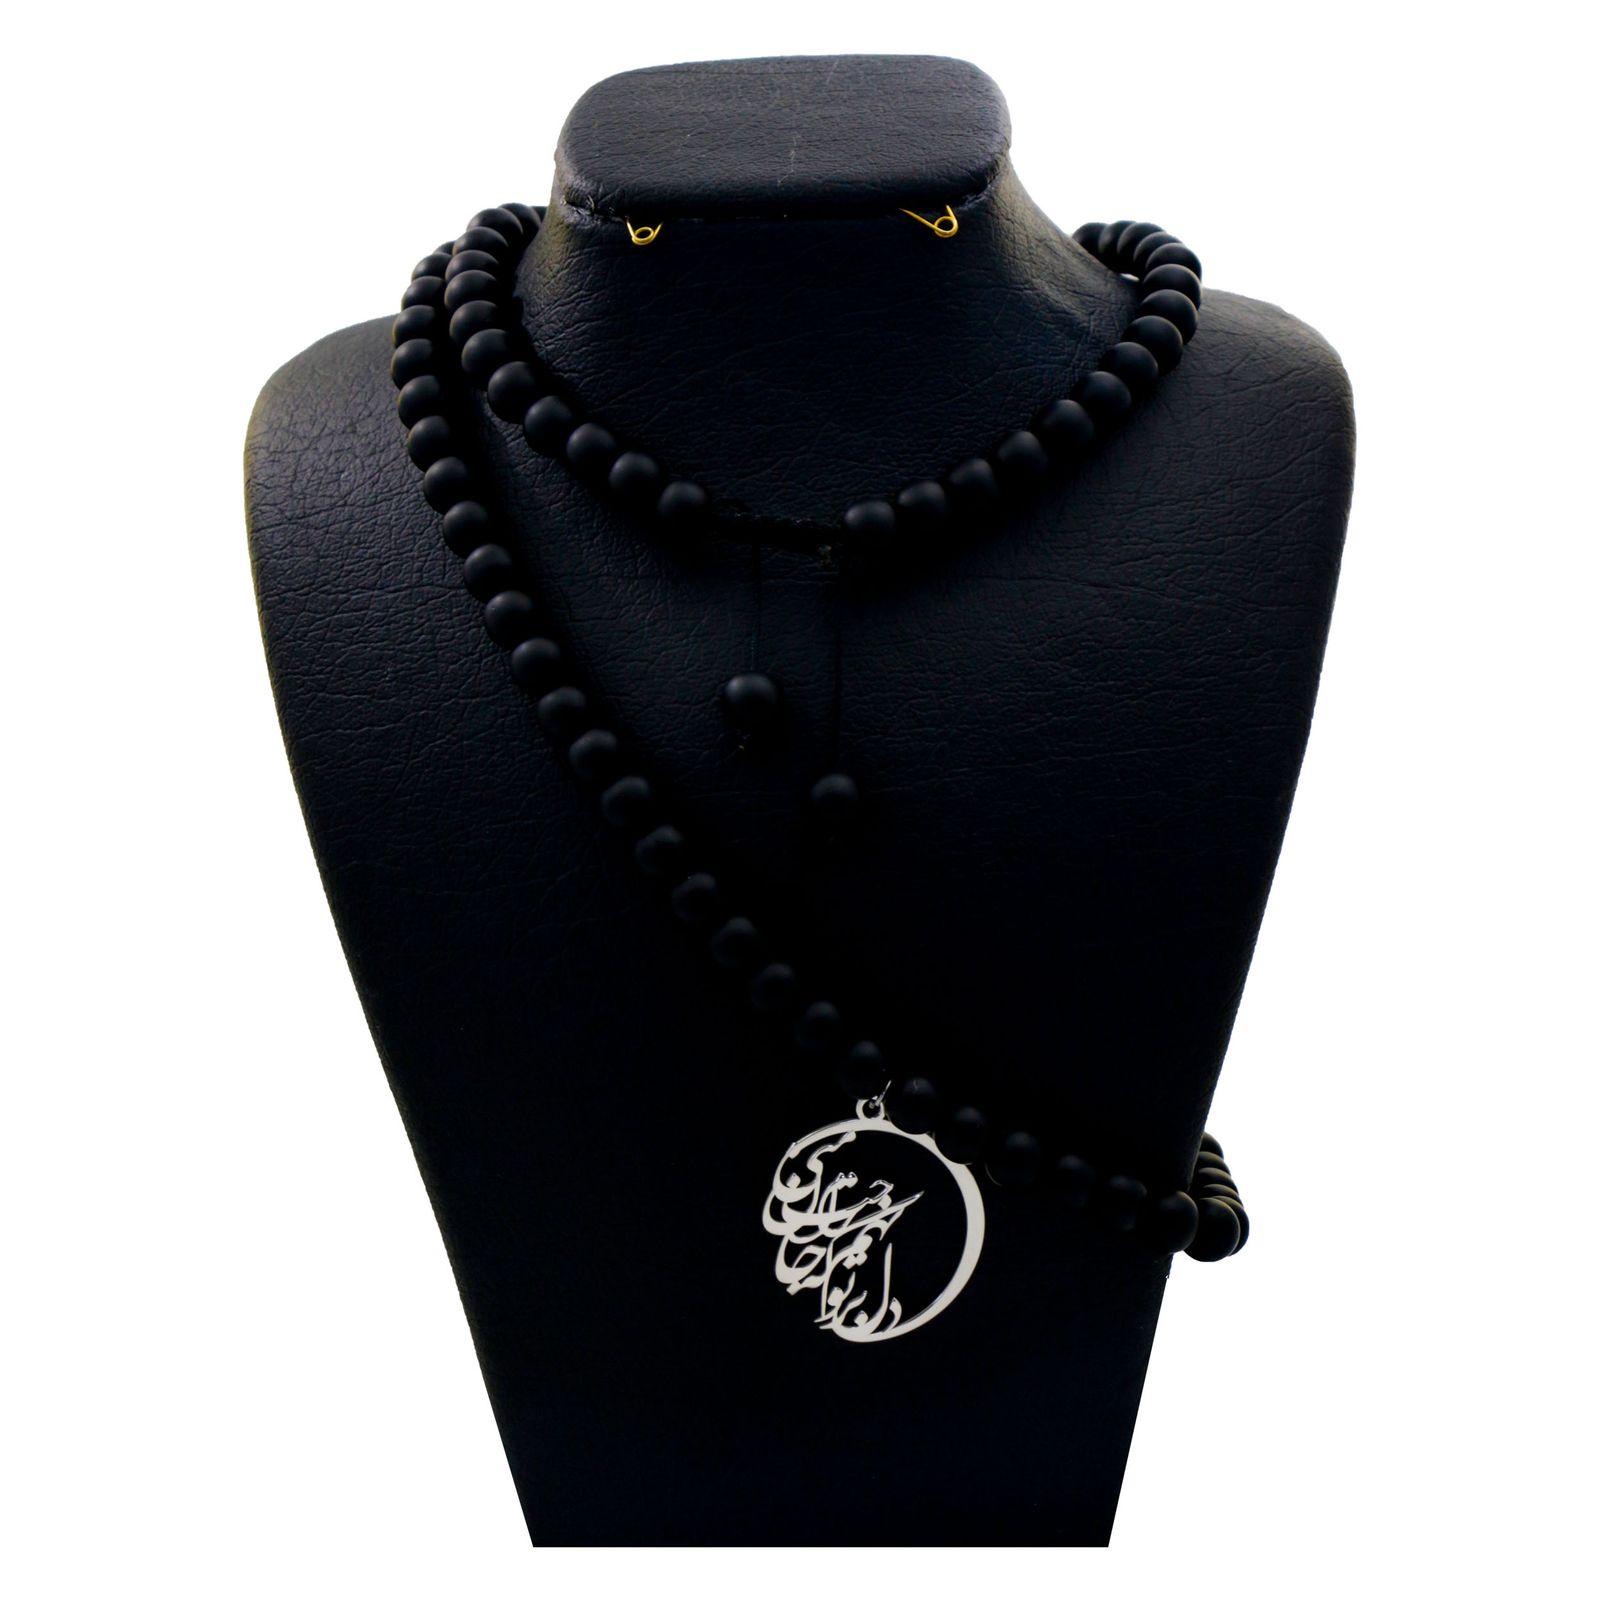 گردنبند نقره زنانه دلی جم طرح دل بر تو نهم  کد D 54 -  - 3